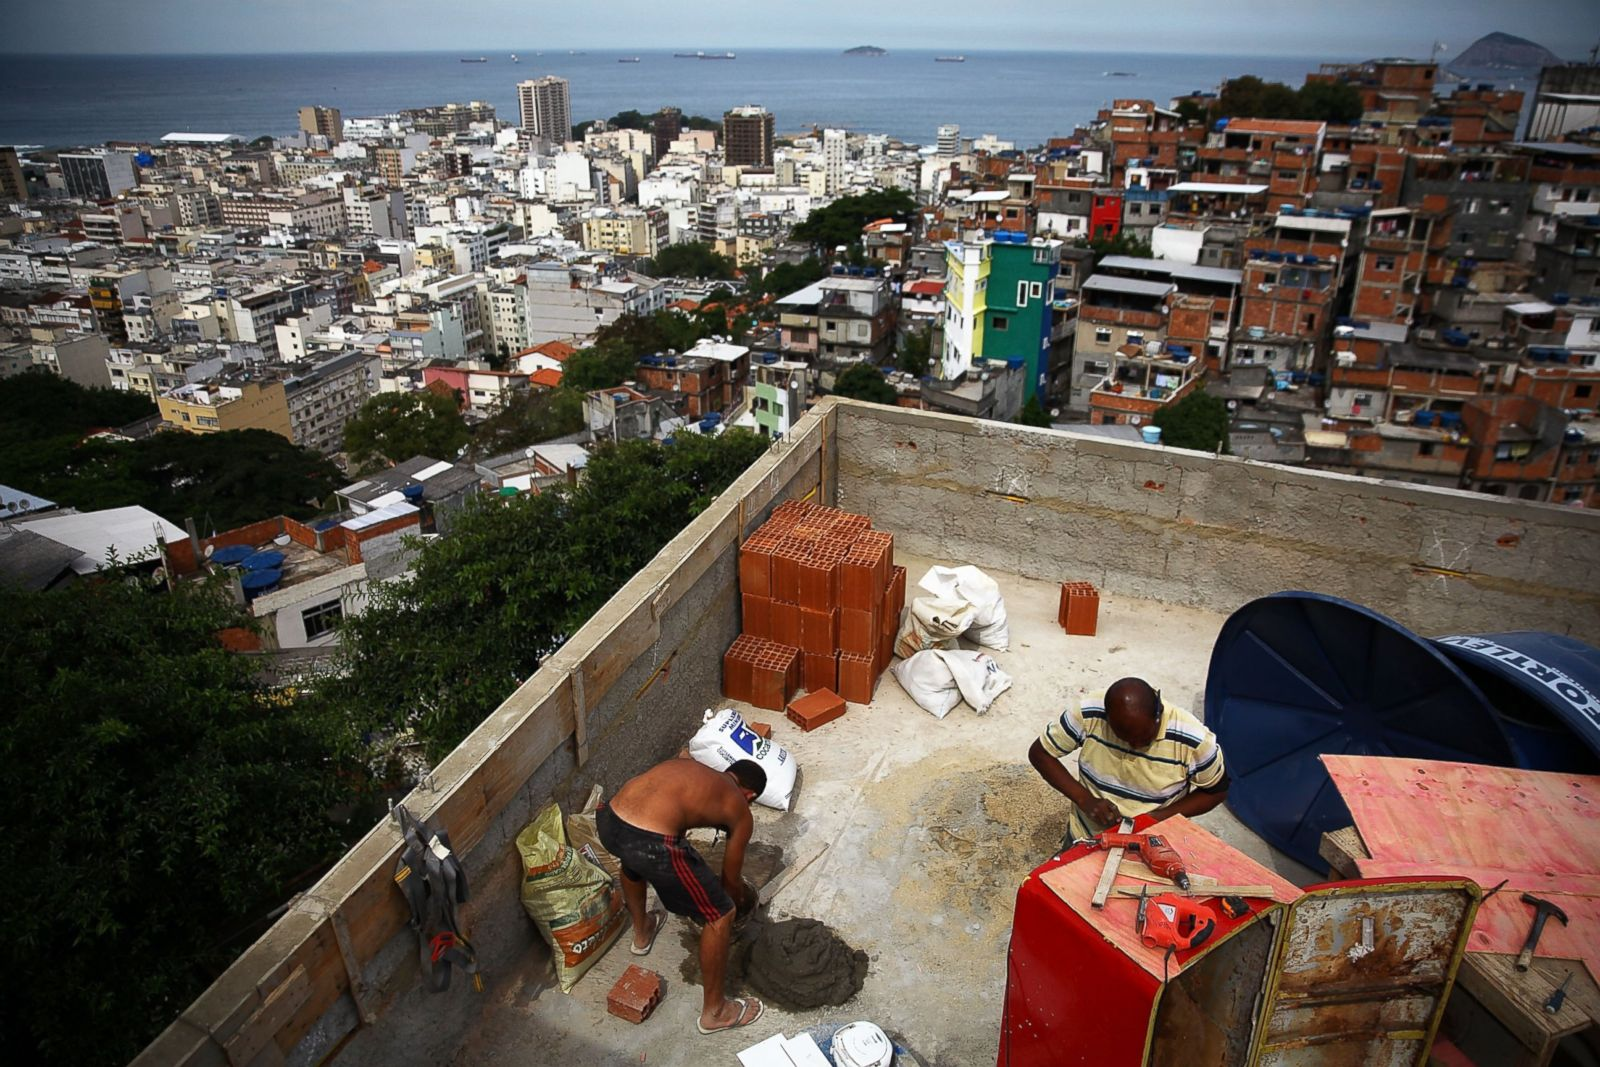 life in the favelas of rio de janeiro photos abc news